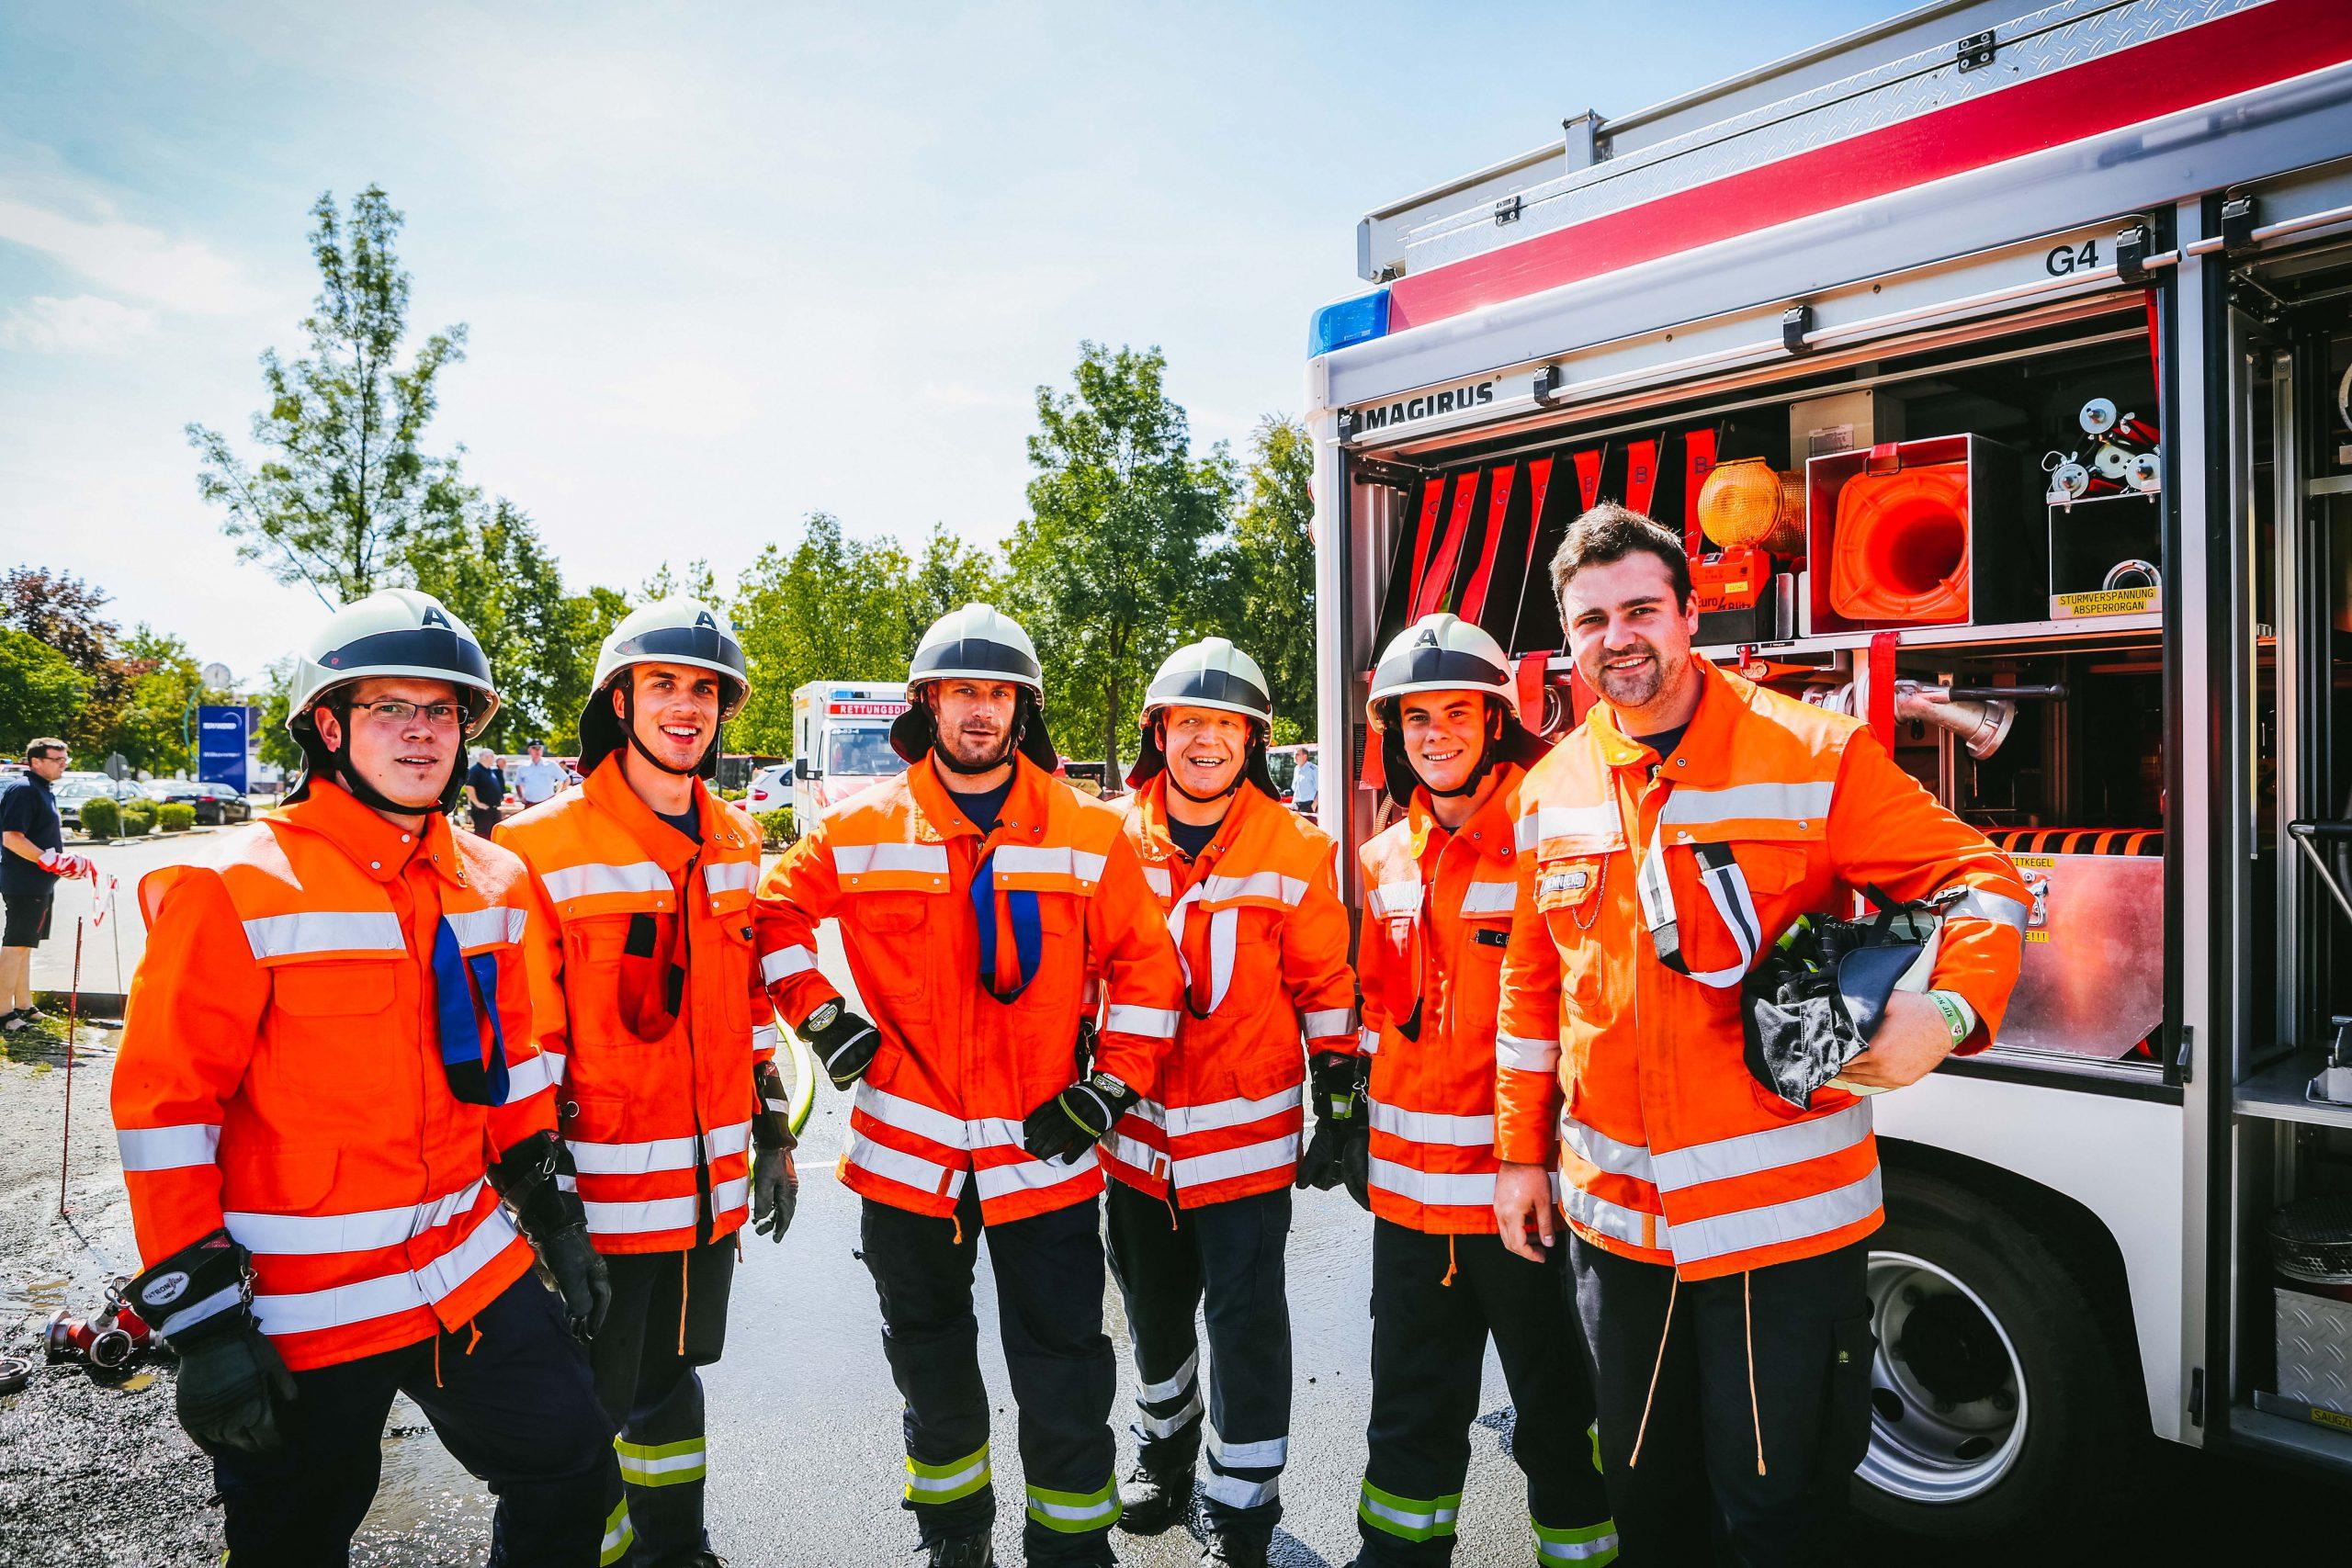 Starke Leistung: Feuerwehr Echte landet bei Kreisentscheid auf Platz 13